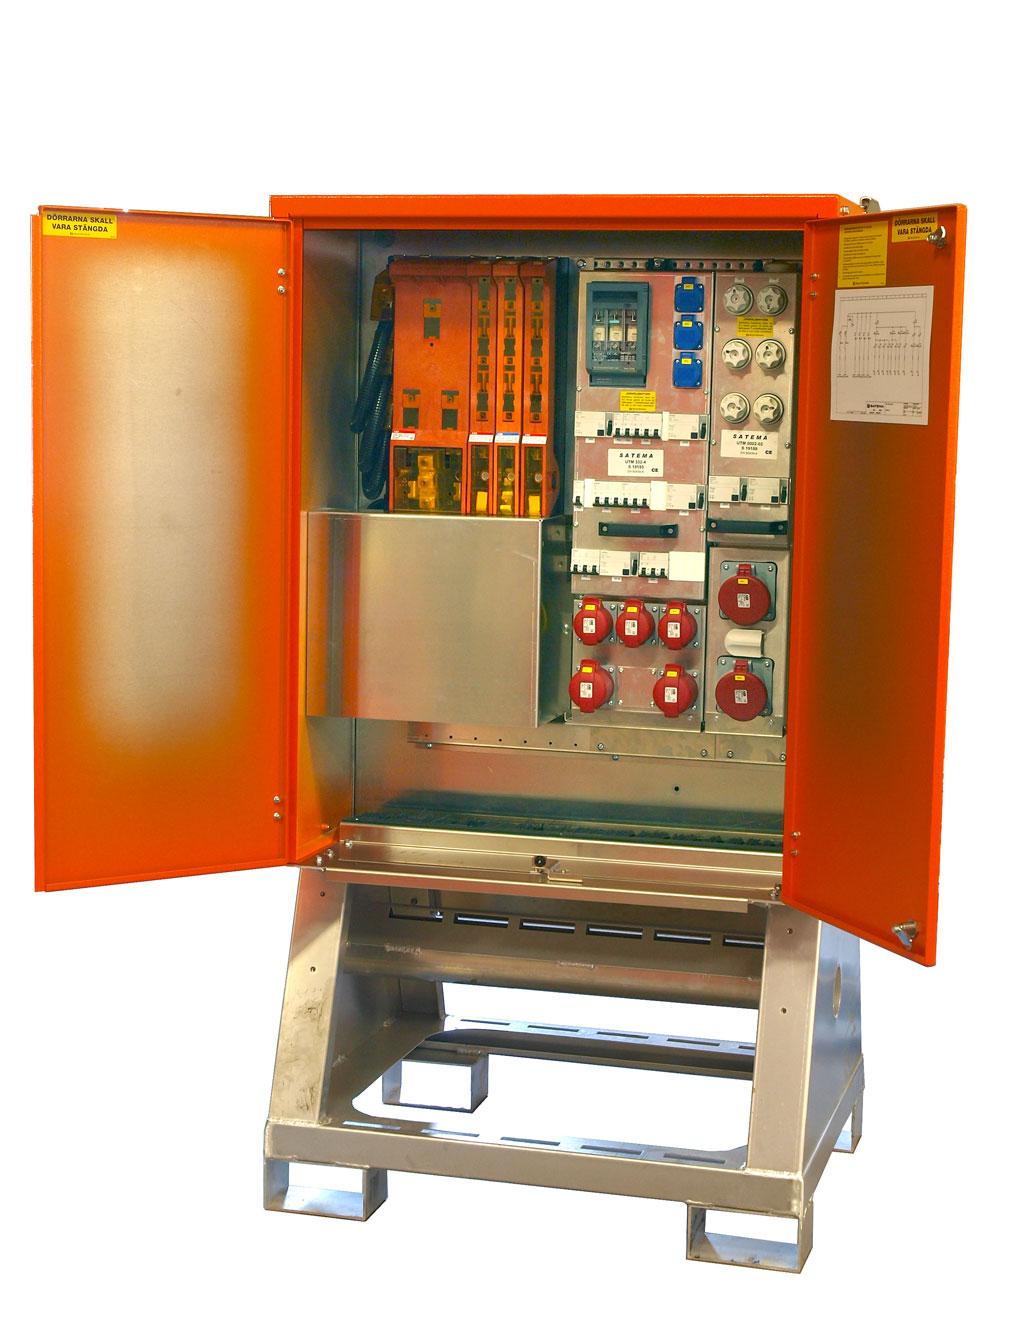 Matningscentral-ZFSF-250-31-3322-42-oppen2